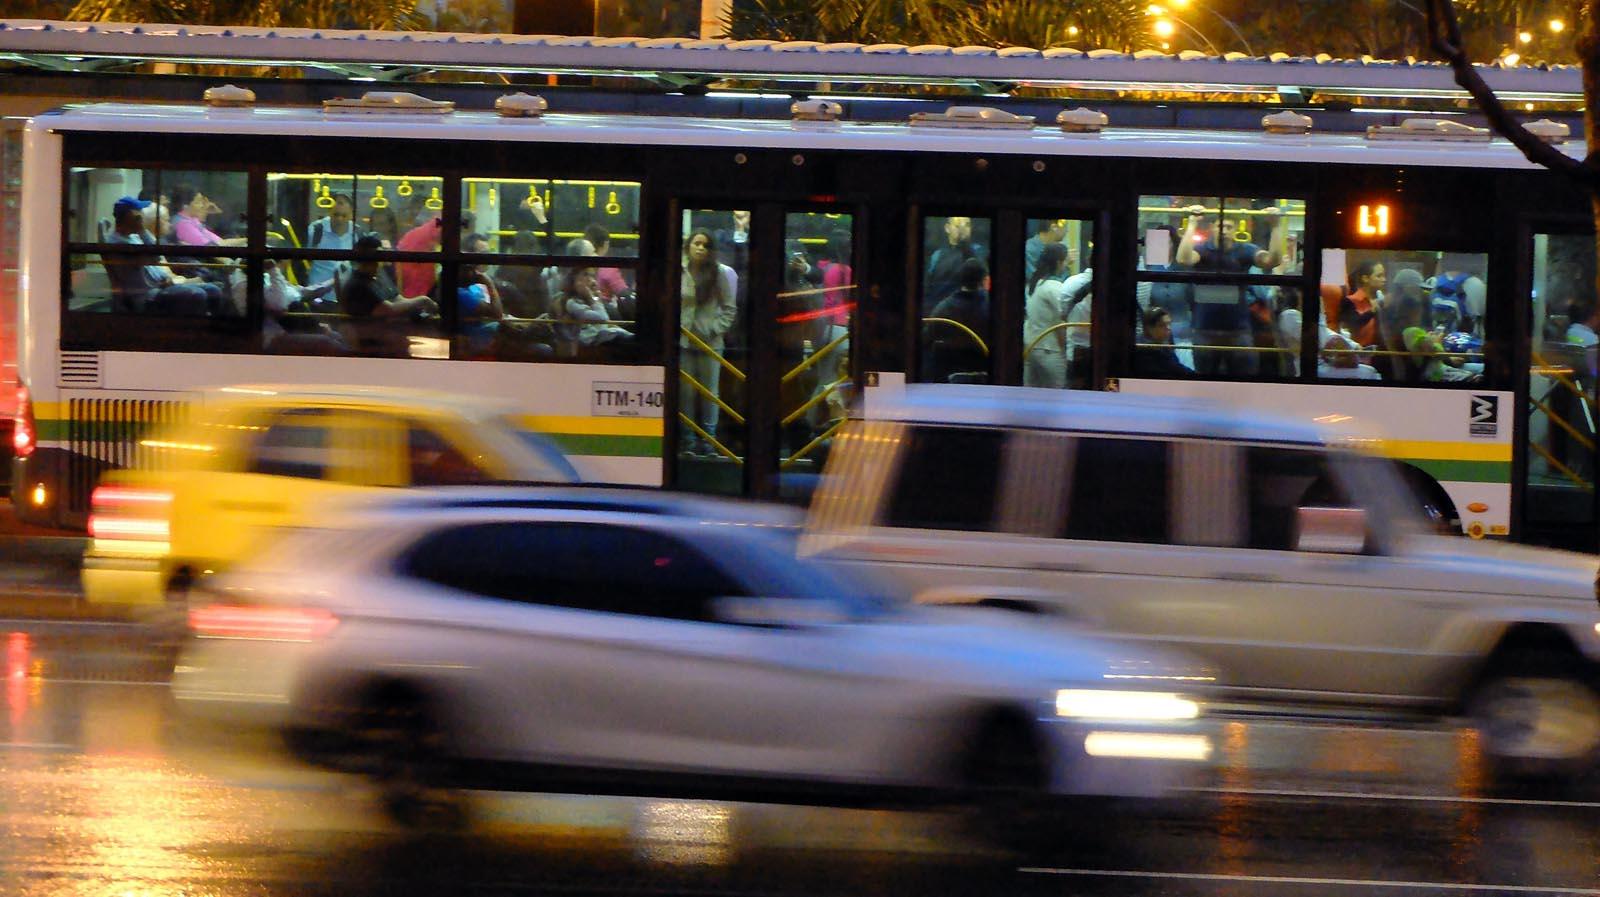 4 millones de habitantes y la ciudad (al menos en su transporte público) funciona.